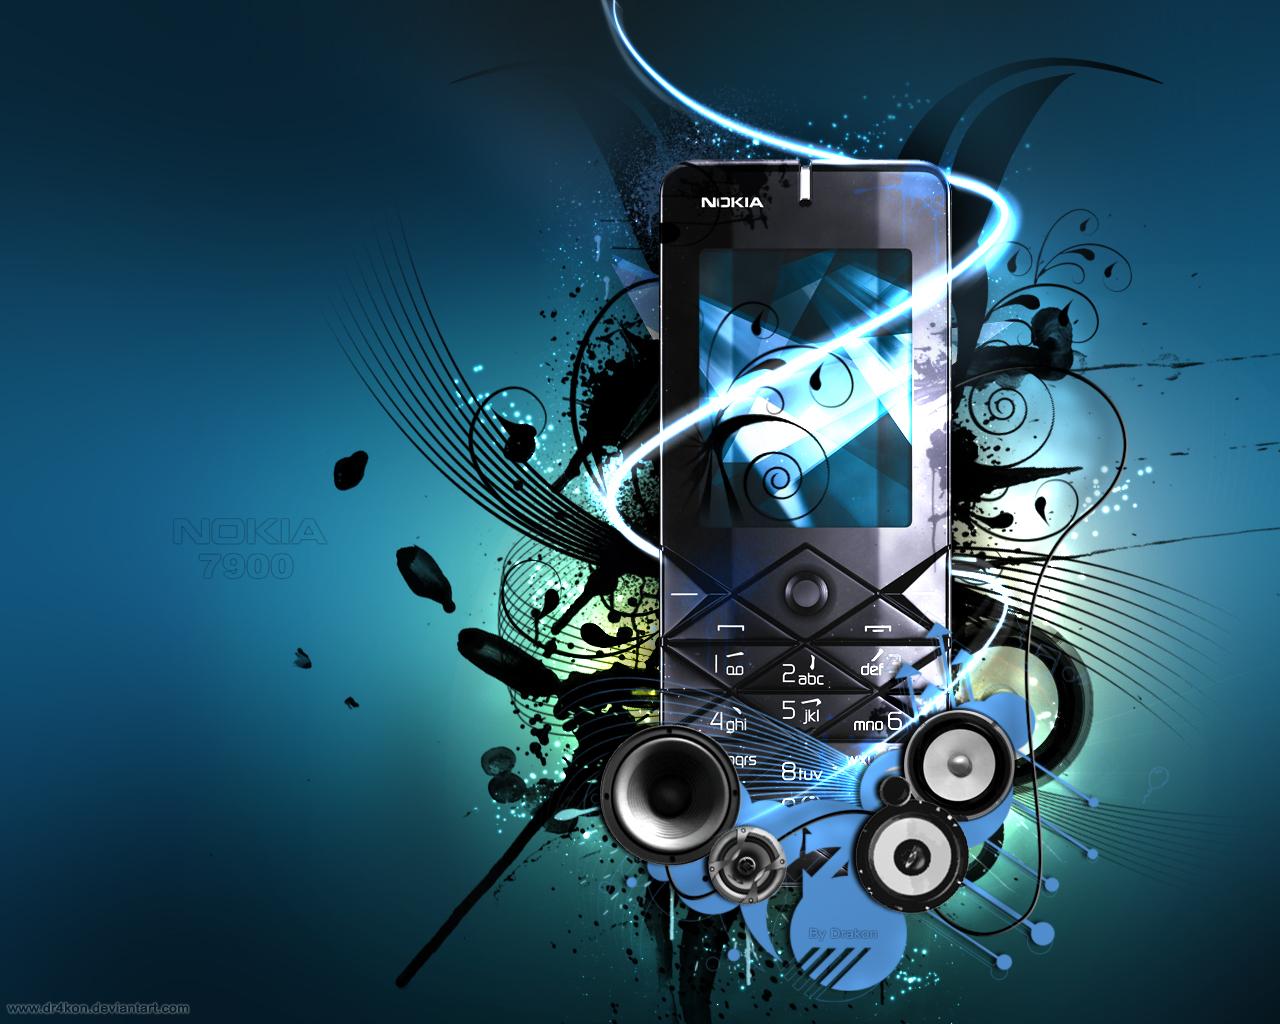 http://1.bp.blogspot.com/-diCgF2Y8j_Q/TgKFbuBfcsI/AAAAAAAAA_U/V6RVAyN2__0/s1600/nokia_7900_by_dr4kon.jpg